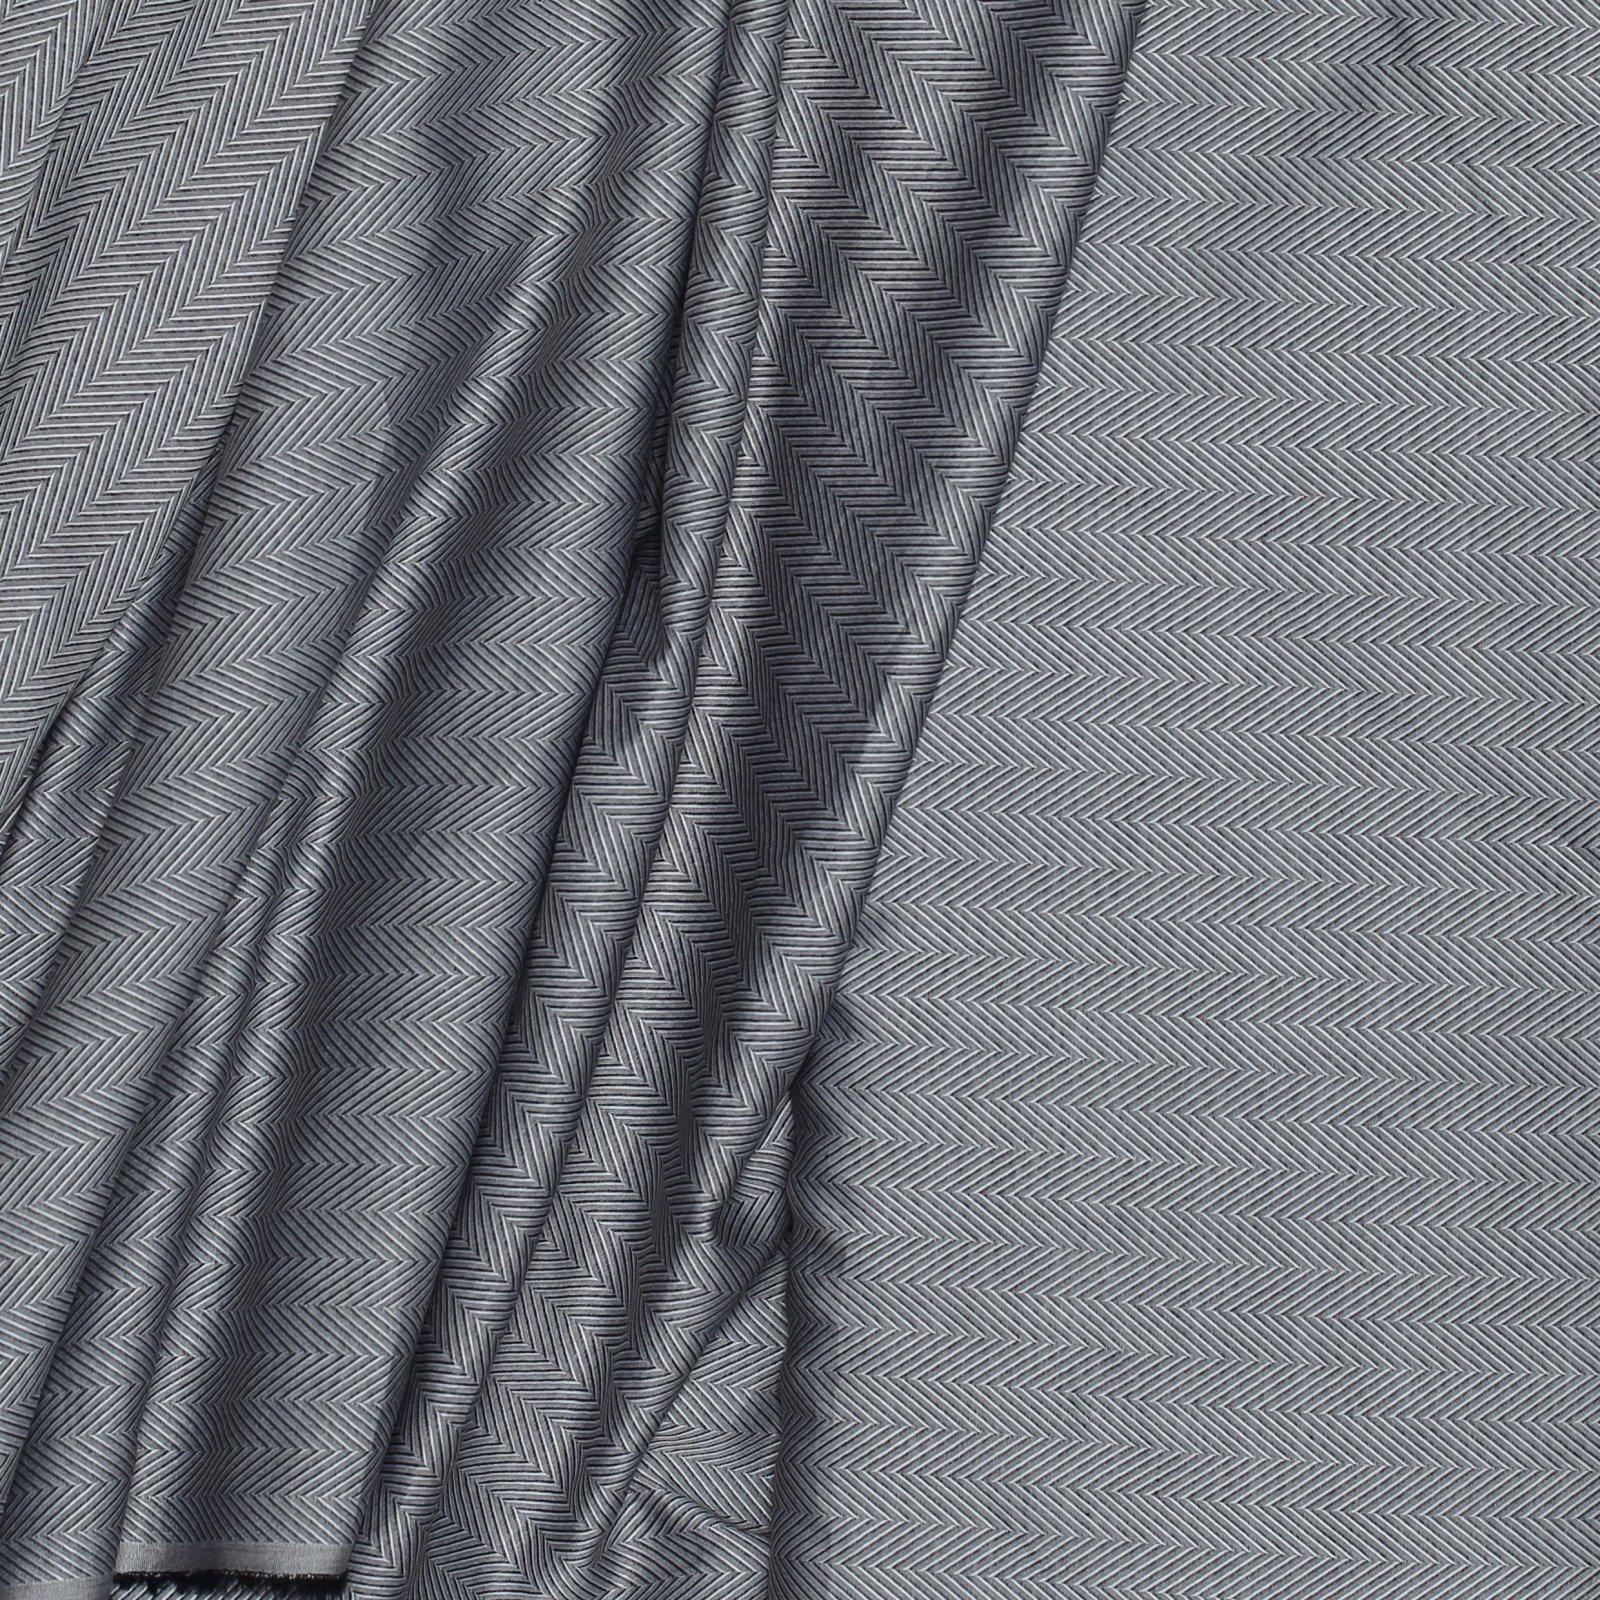 Black/White Woven Chevron 100s 2PLY Italian Cotton